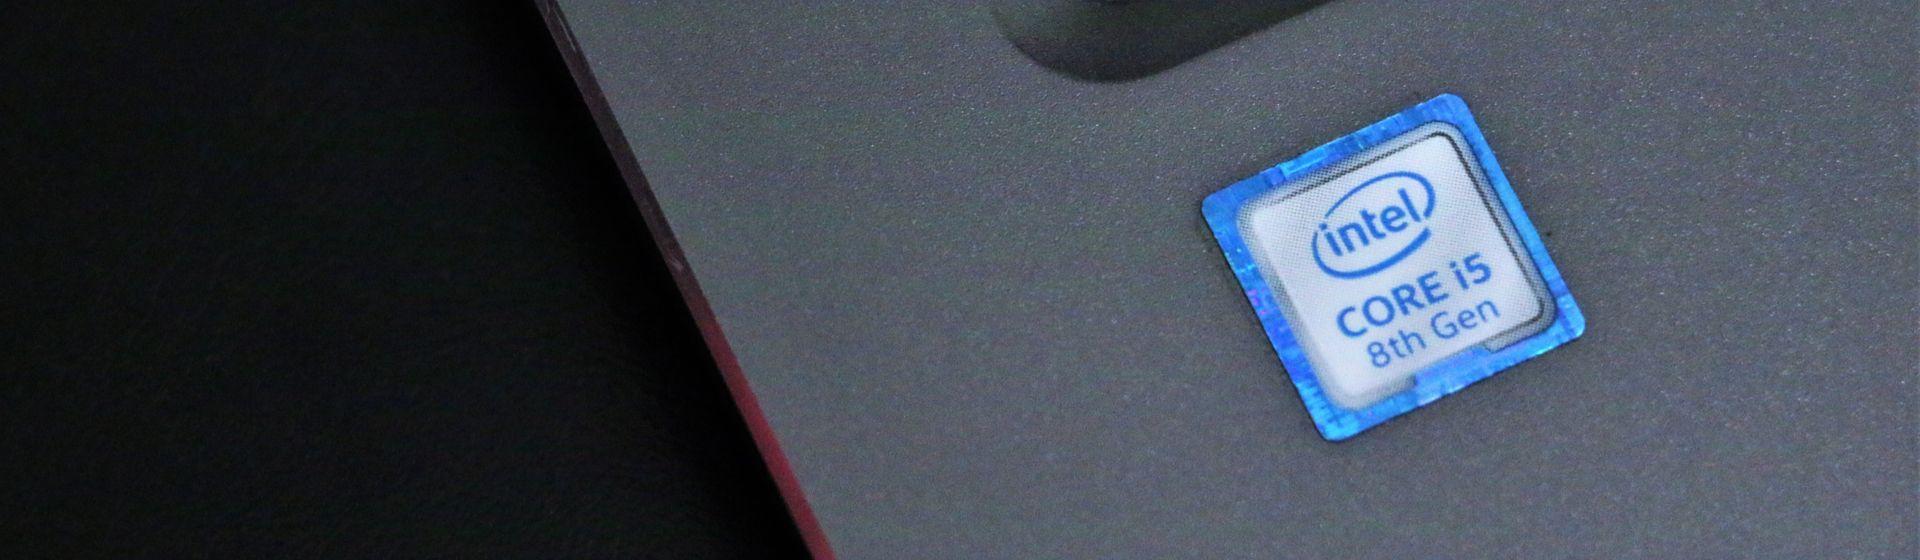 Melhor notebook com Intel Core i5: veja 5 modelos